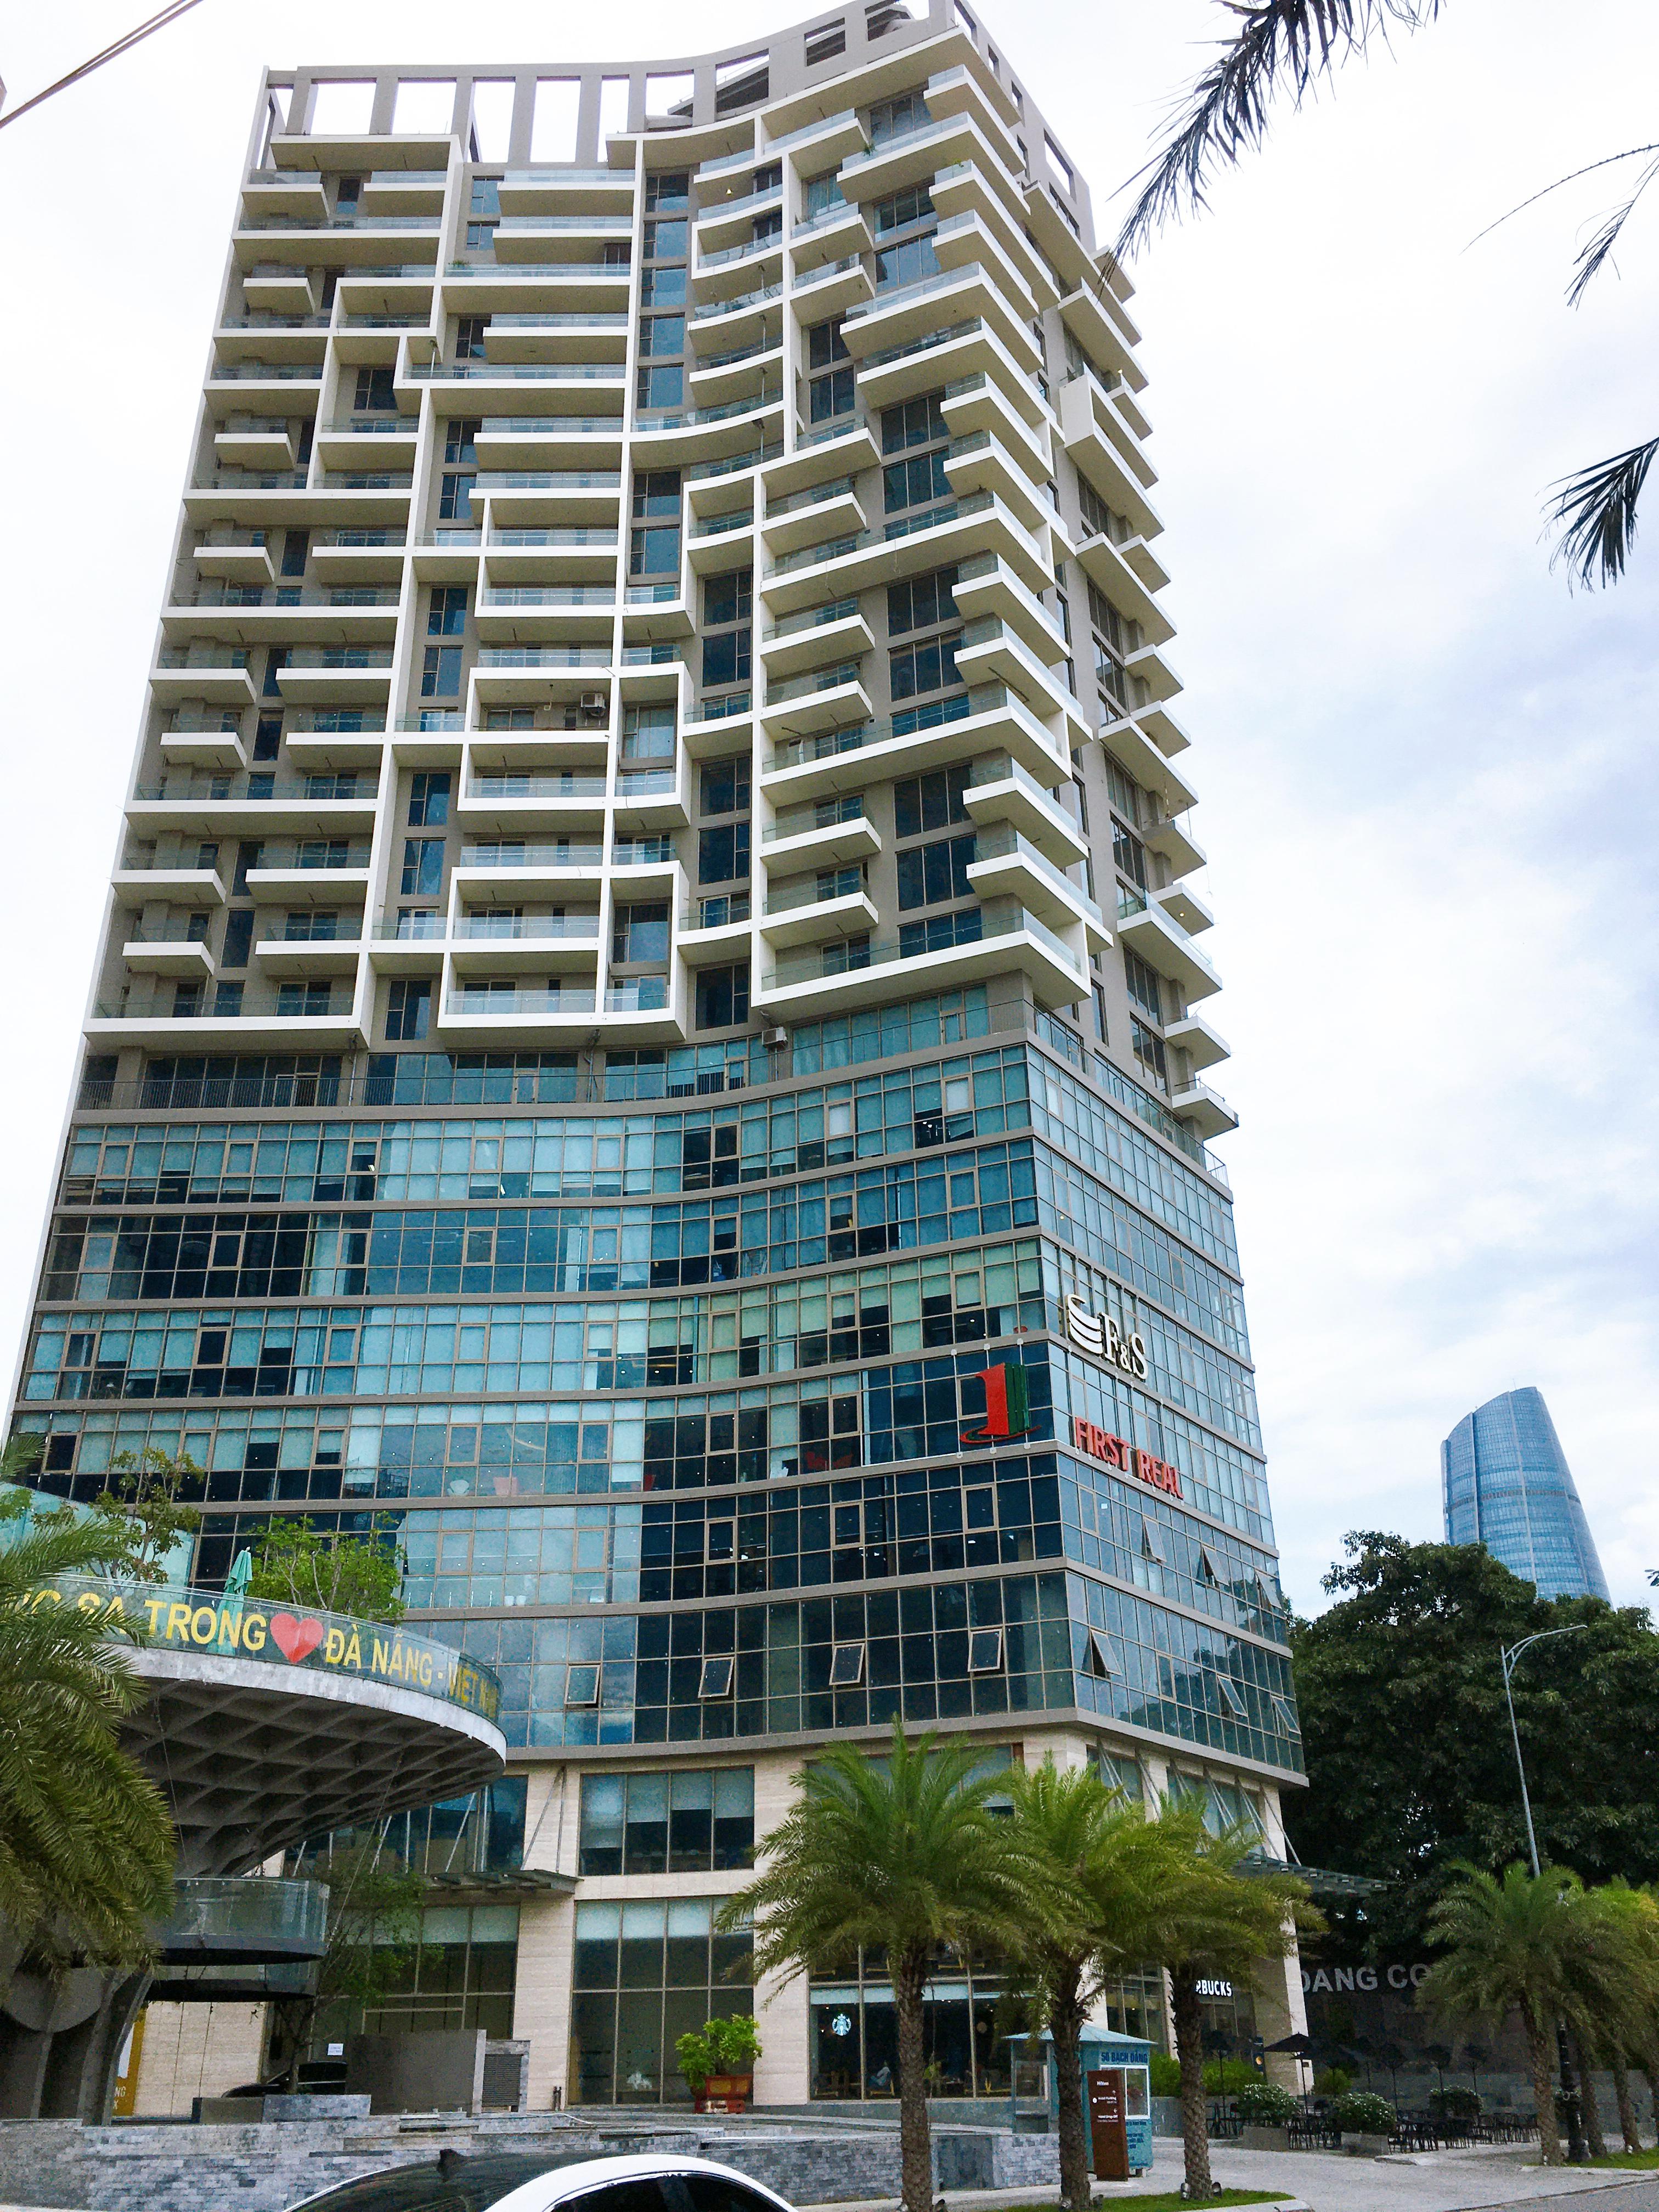 Những tòa nhà văn phòng cho thuê hái ra tiền ở Đà Nẵng bất chấp dịch COVID-19 - Ảnh 2.